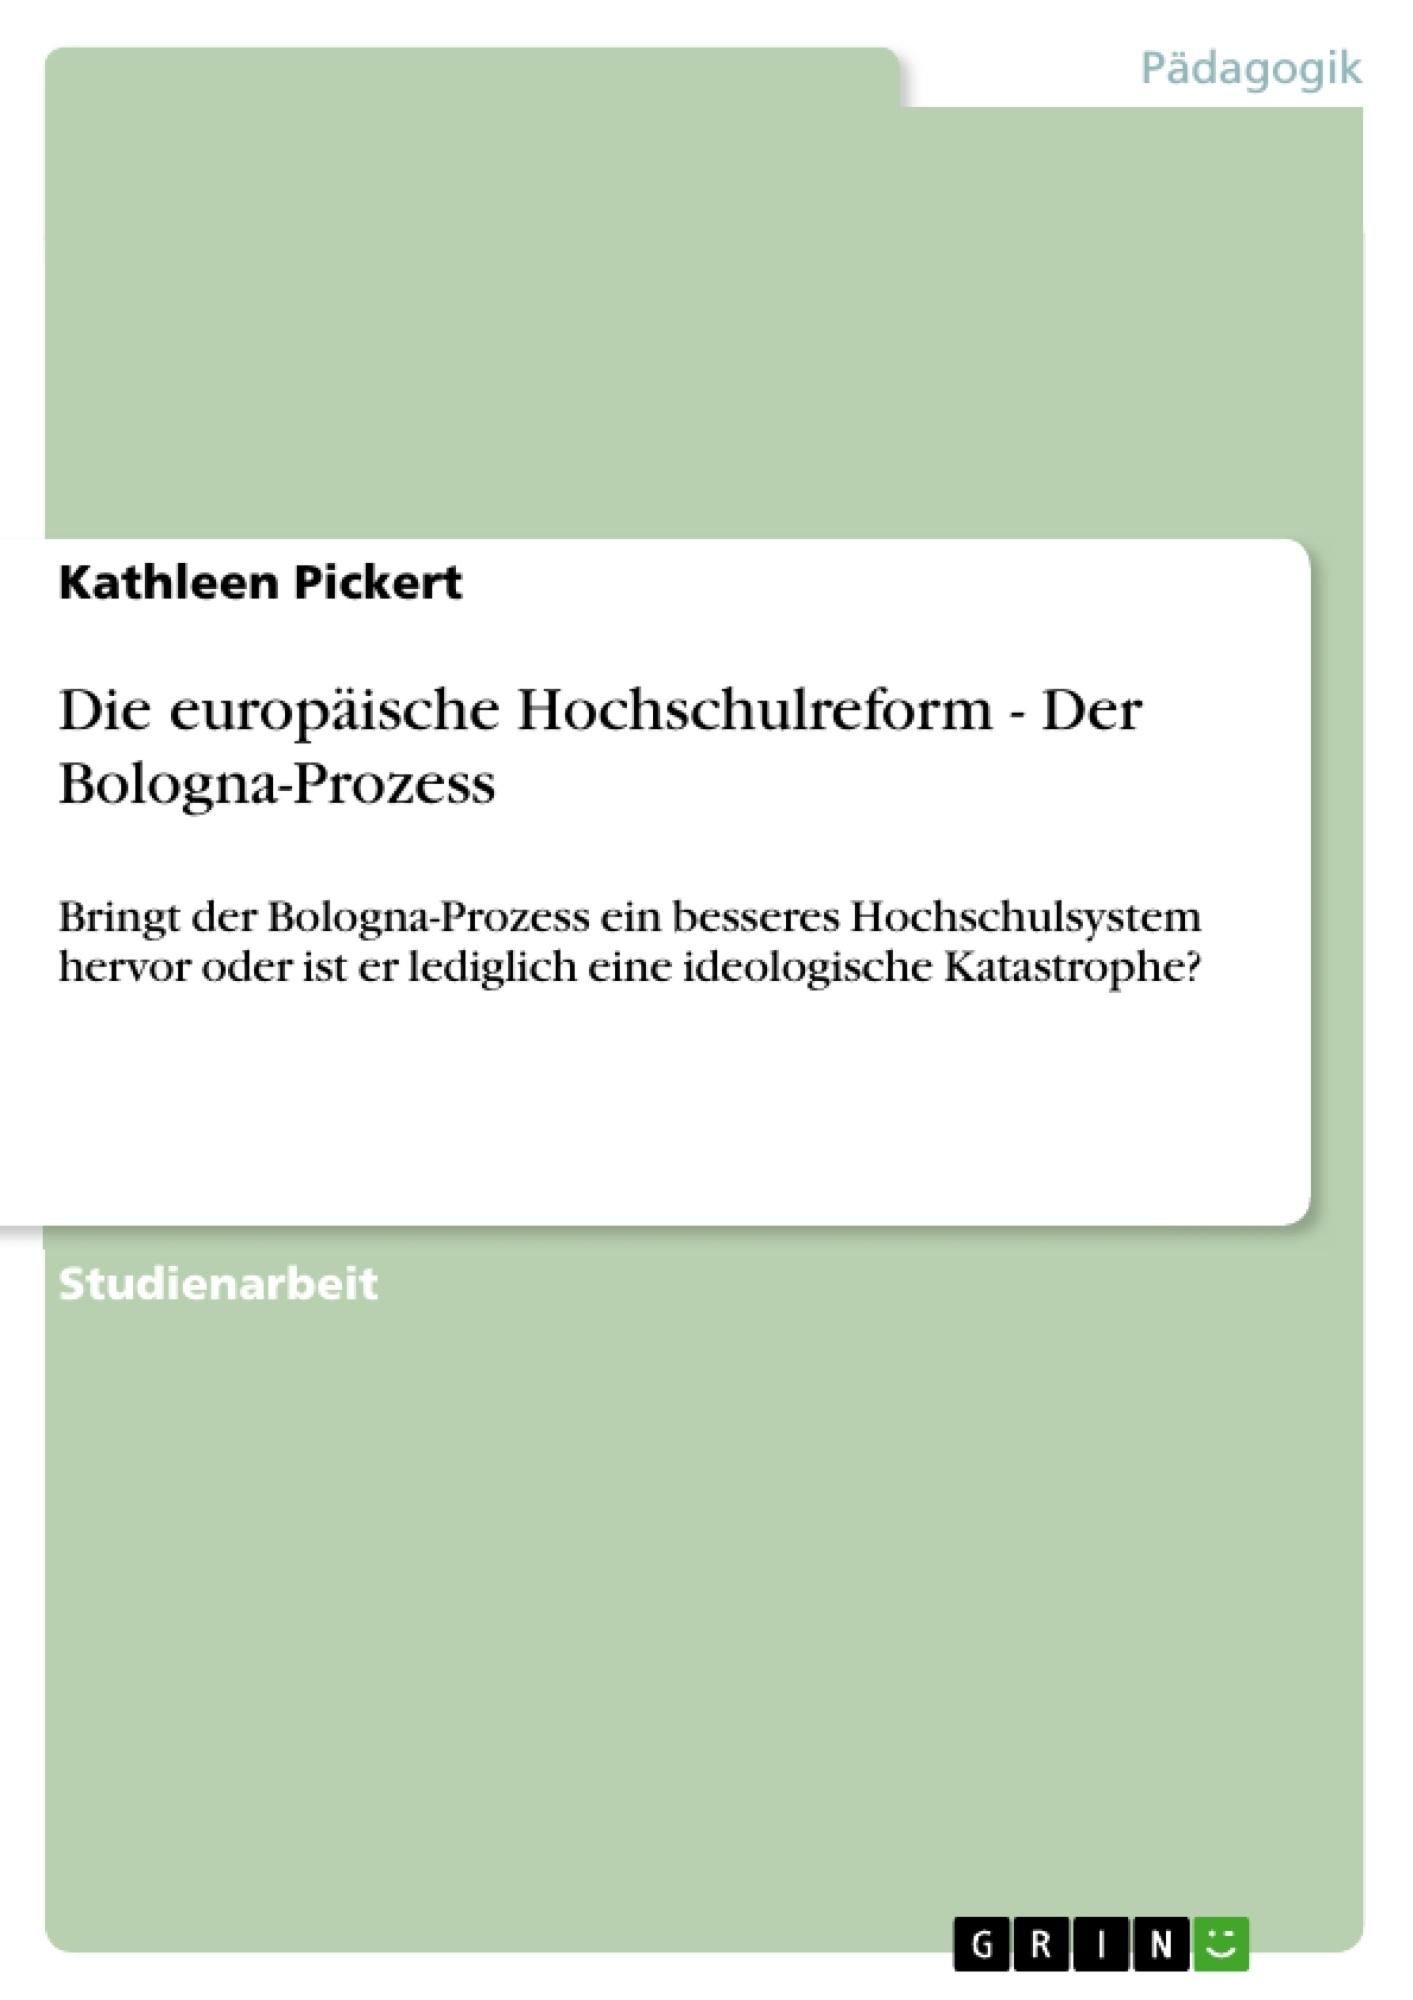 Titel: Die europäische Hochschulreform - Der Bologna-Prozess